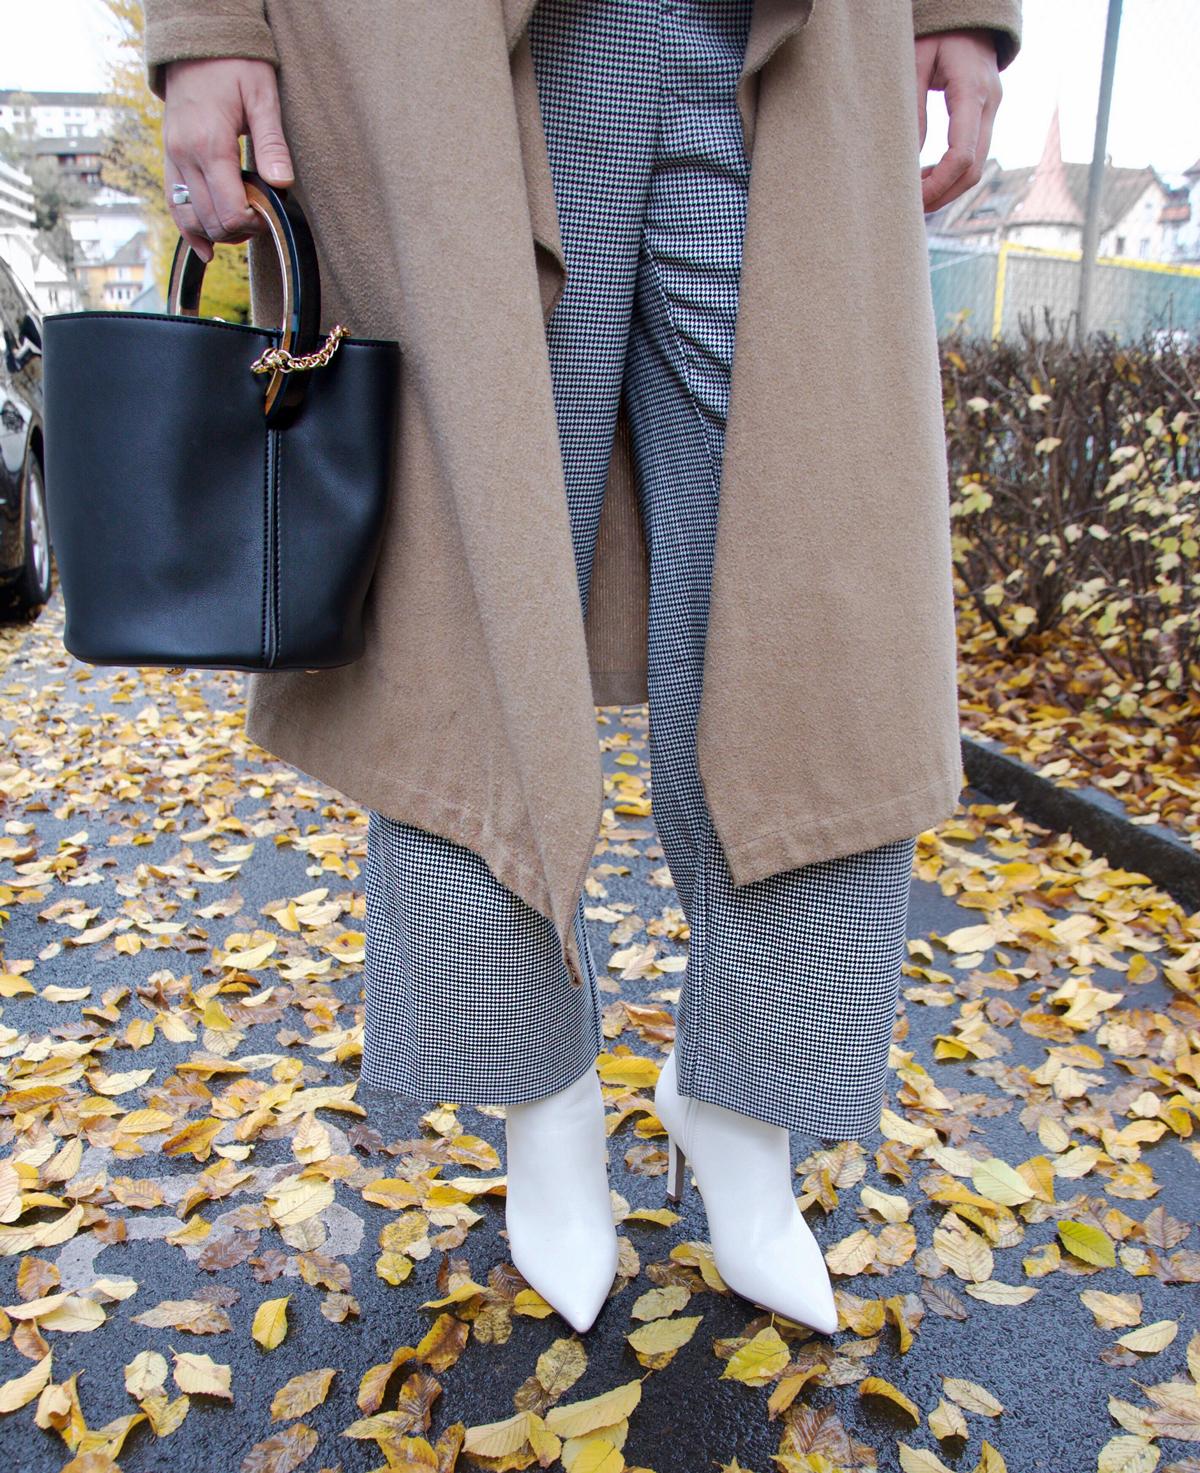 Andrea Steiner vom Lifestyle Blog Strawberries n Champagne zeigt Klamotten für den Herbst.